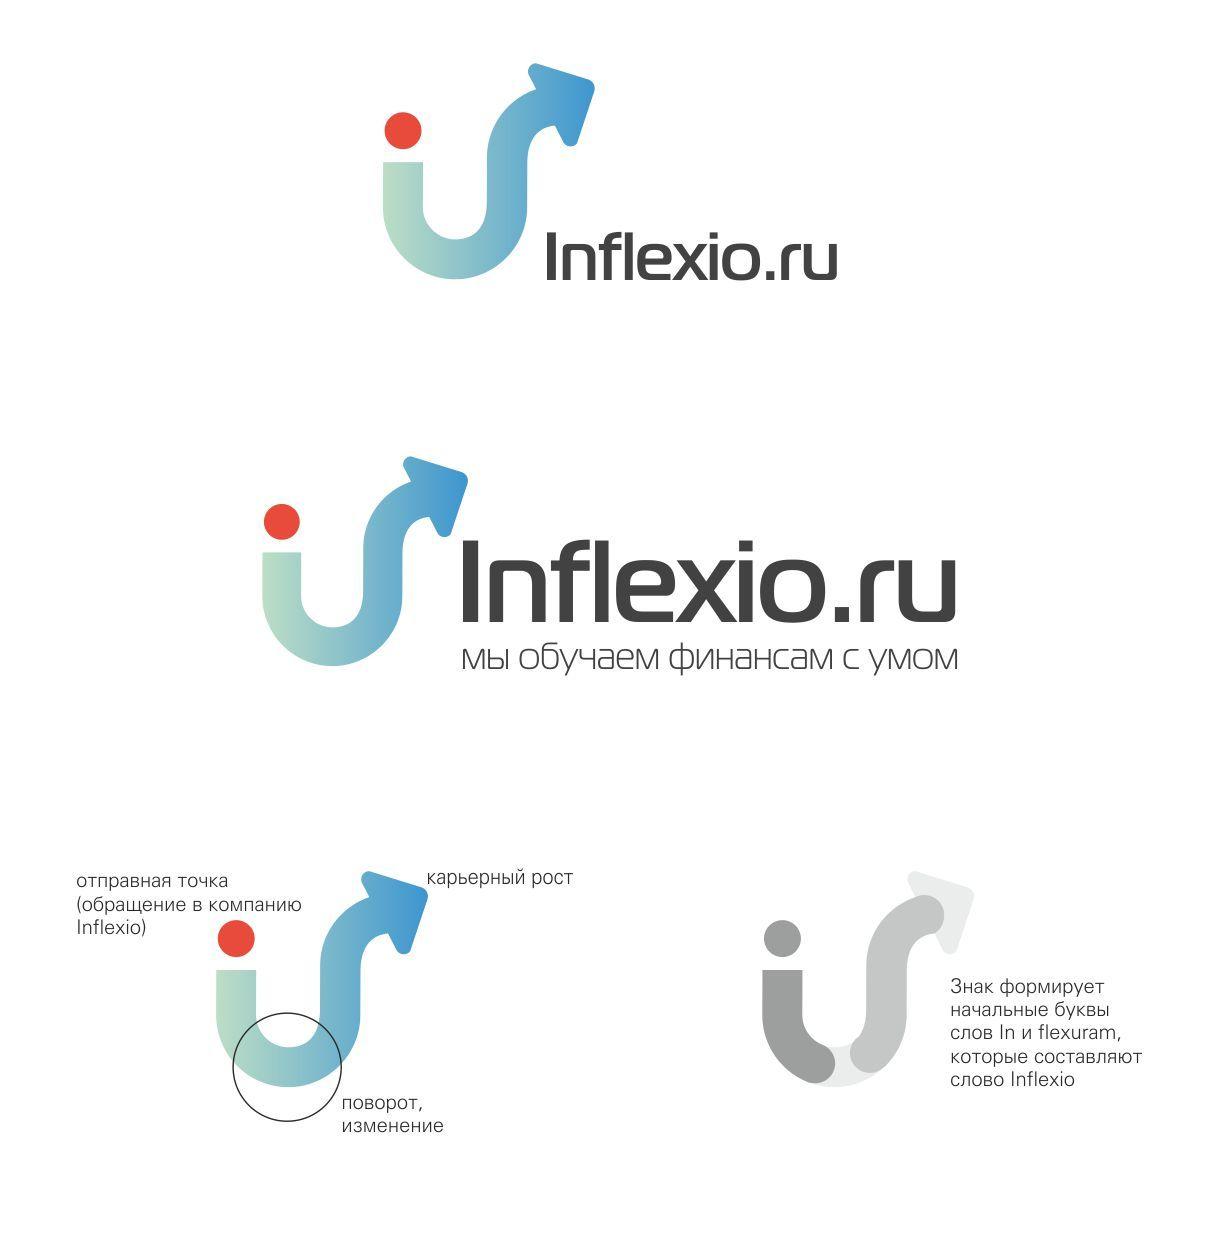 Логотип для Inflexio.ru - дизайнер Fairik